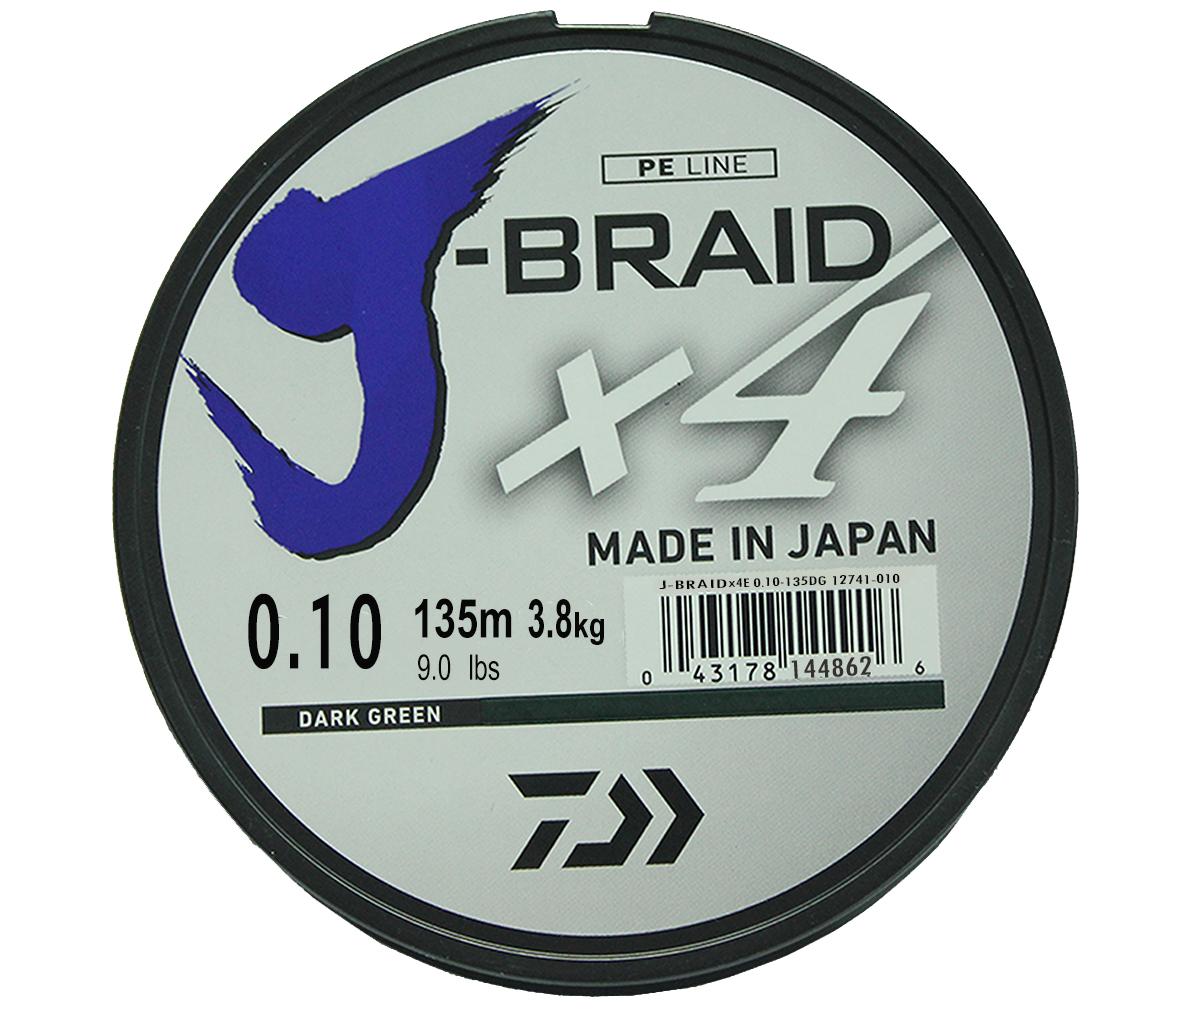 Шнур плетеный Daiwa J-Braid X4, цвет: зеленый, 135 м, 0,10 мм61159Новый 4х жильный шнур J-Braid, DAIWA - шнур высокого класса с удивительным соотношением цены и качества. Качество плетения полностьюсоответствует японским стандартам и удовлетворяет всем требованиям. Представленные диаметры позволяют использовать шнур для всех техникловли, начиная от ultra- light ловли окуня, до морской ловли палтуса, трески и т.д